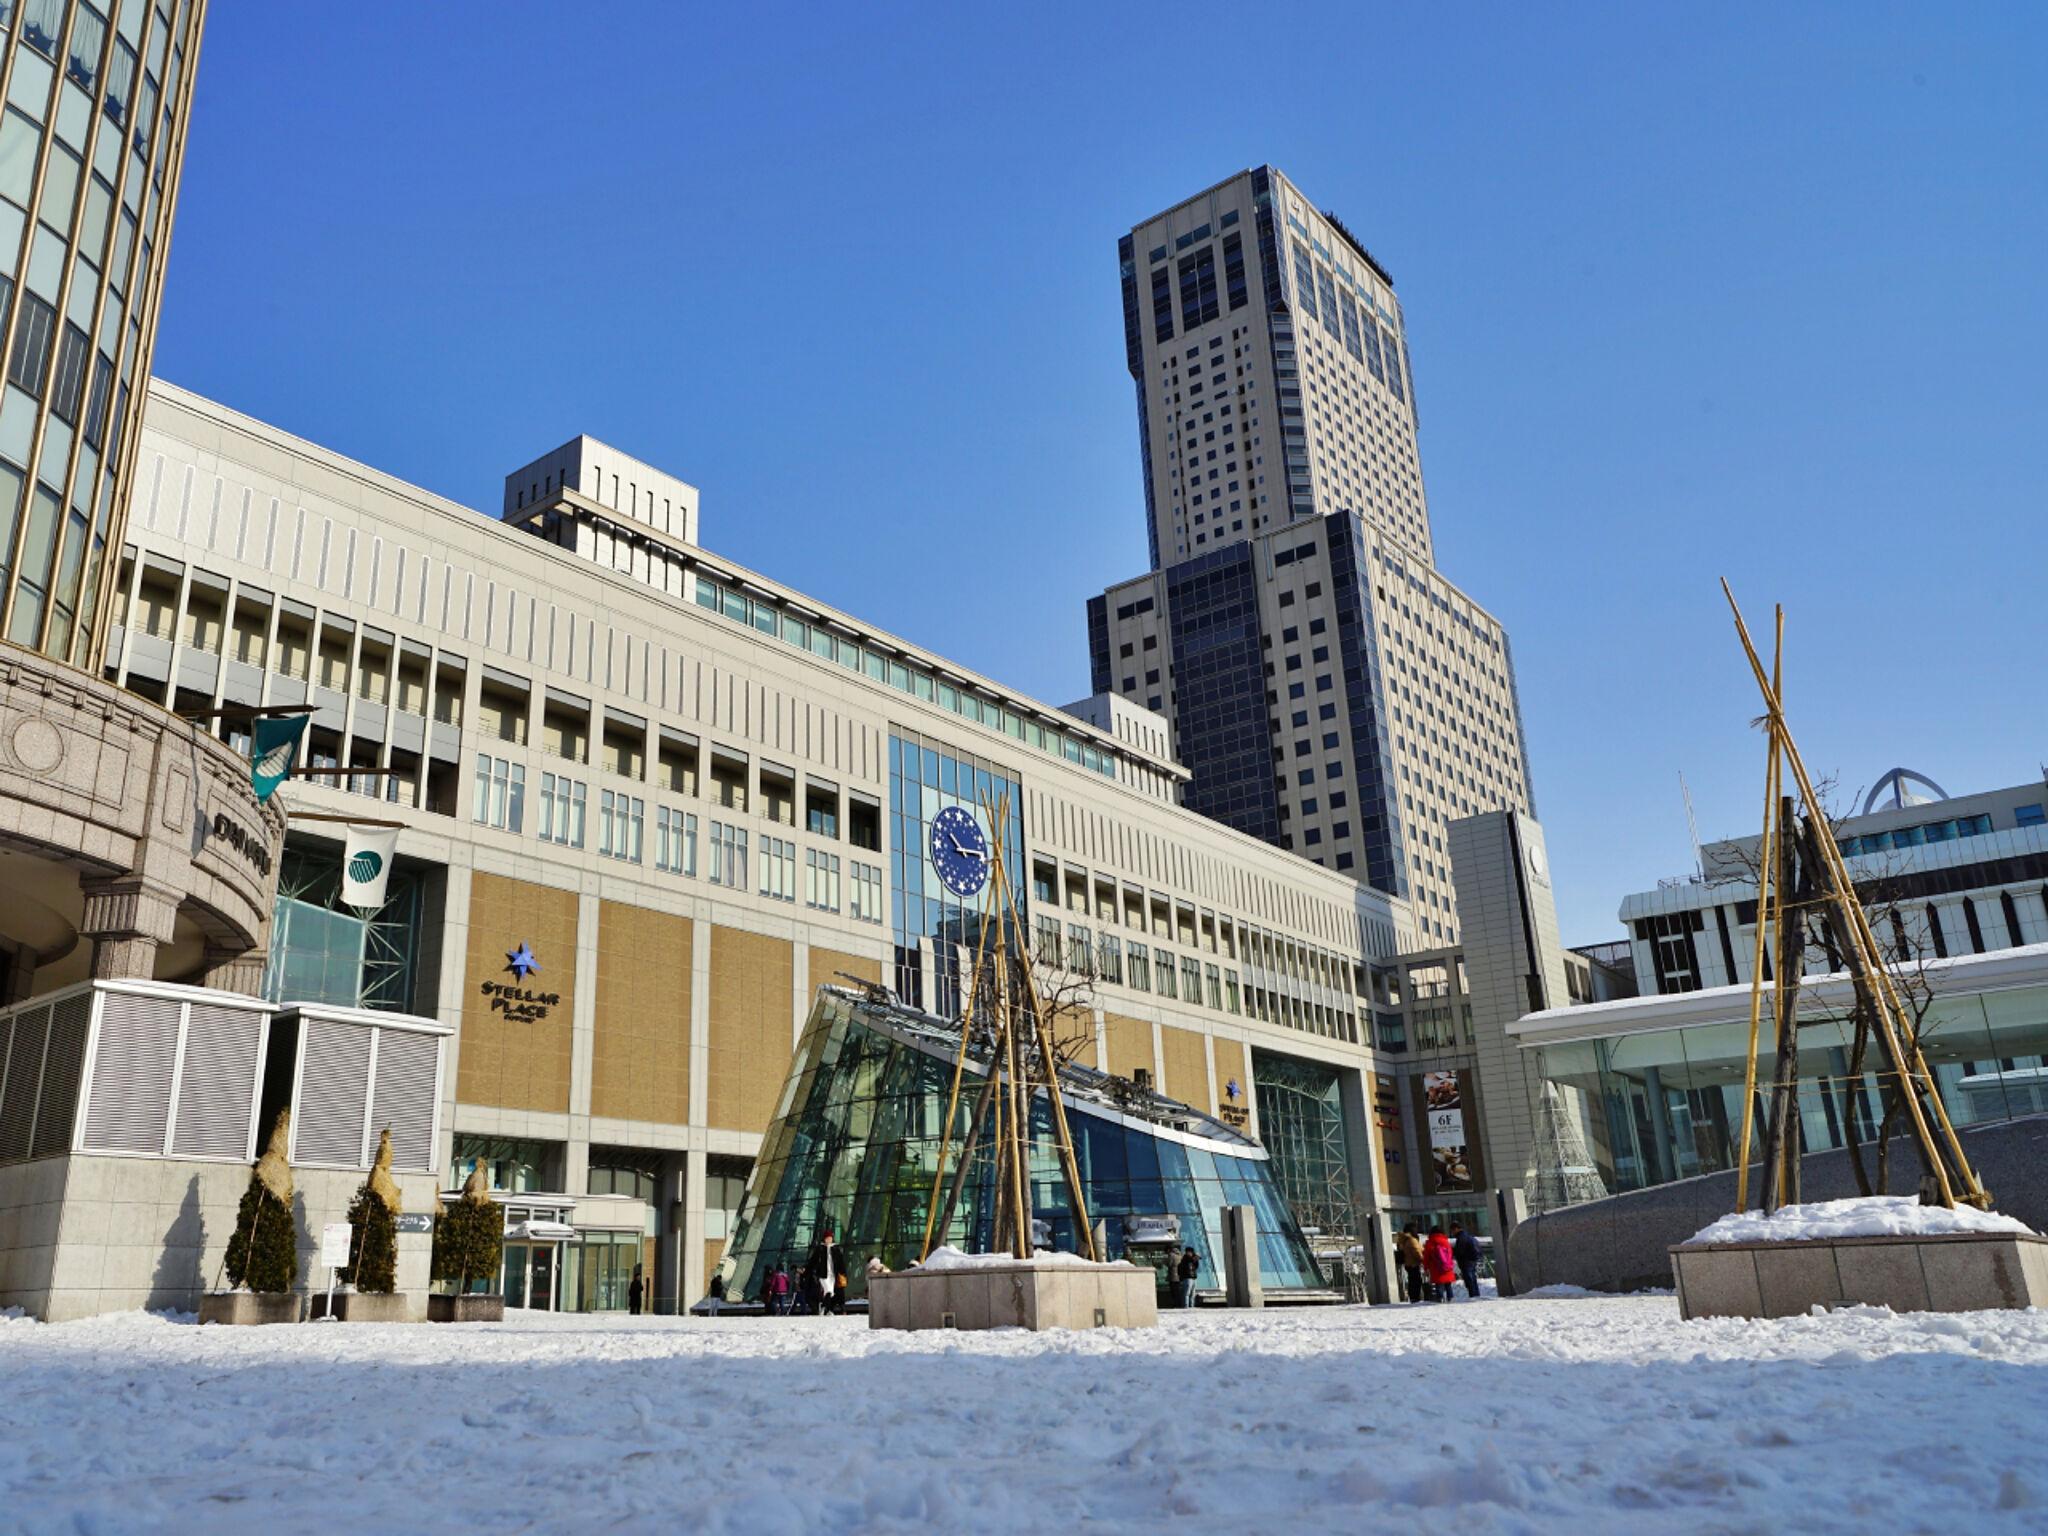 冬の札幌駅の画像